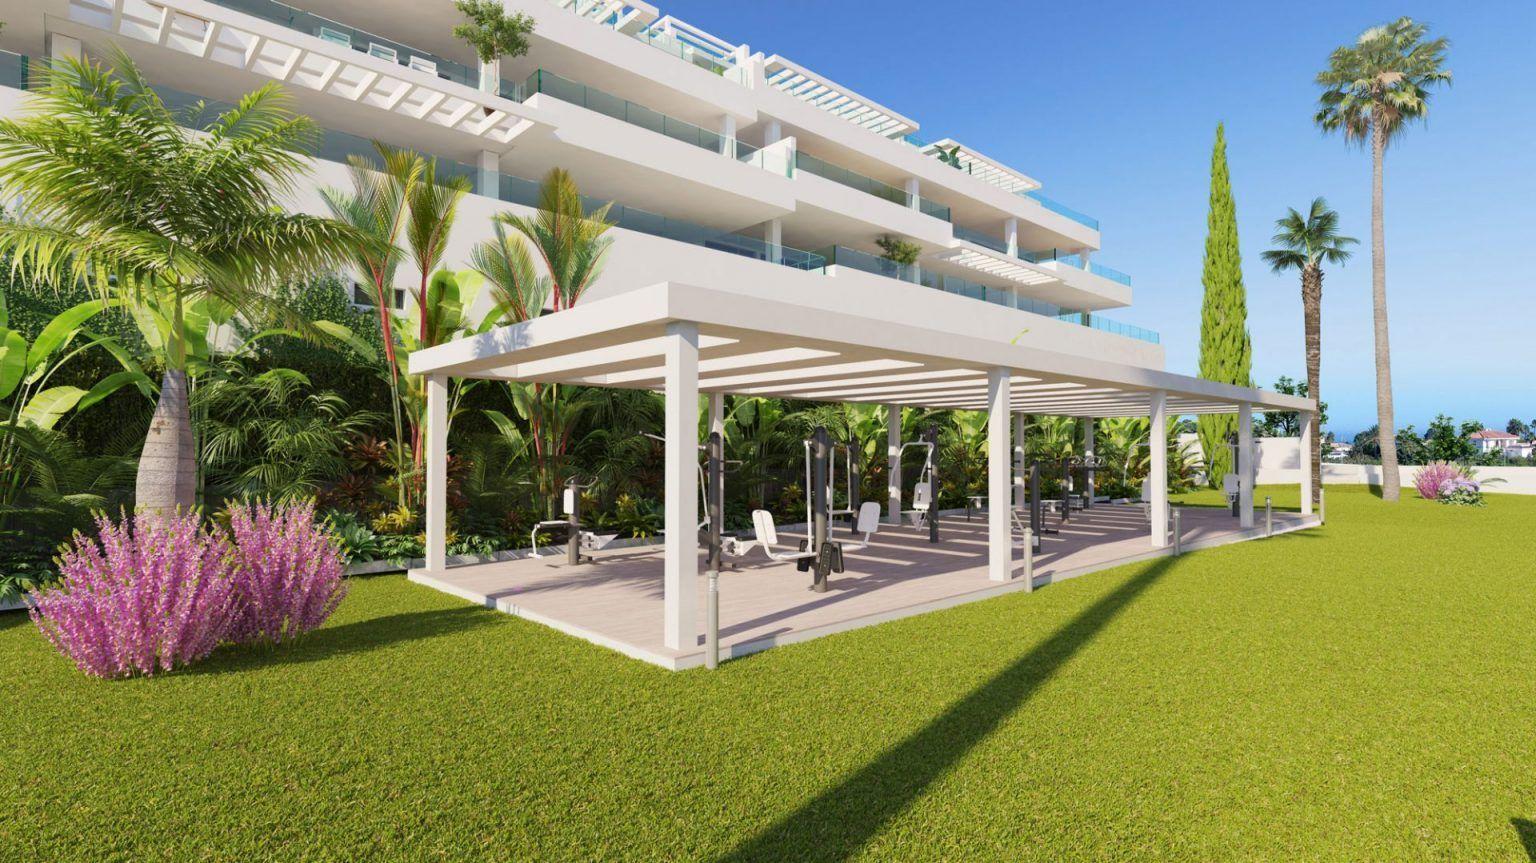 LAS-OLAS-apartments-7